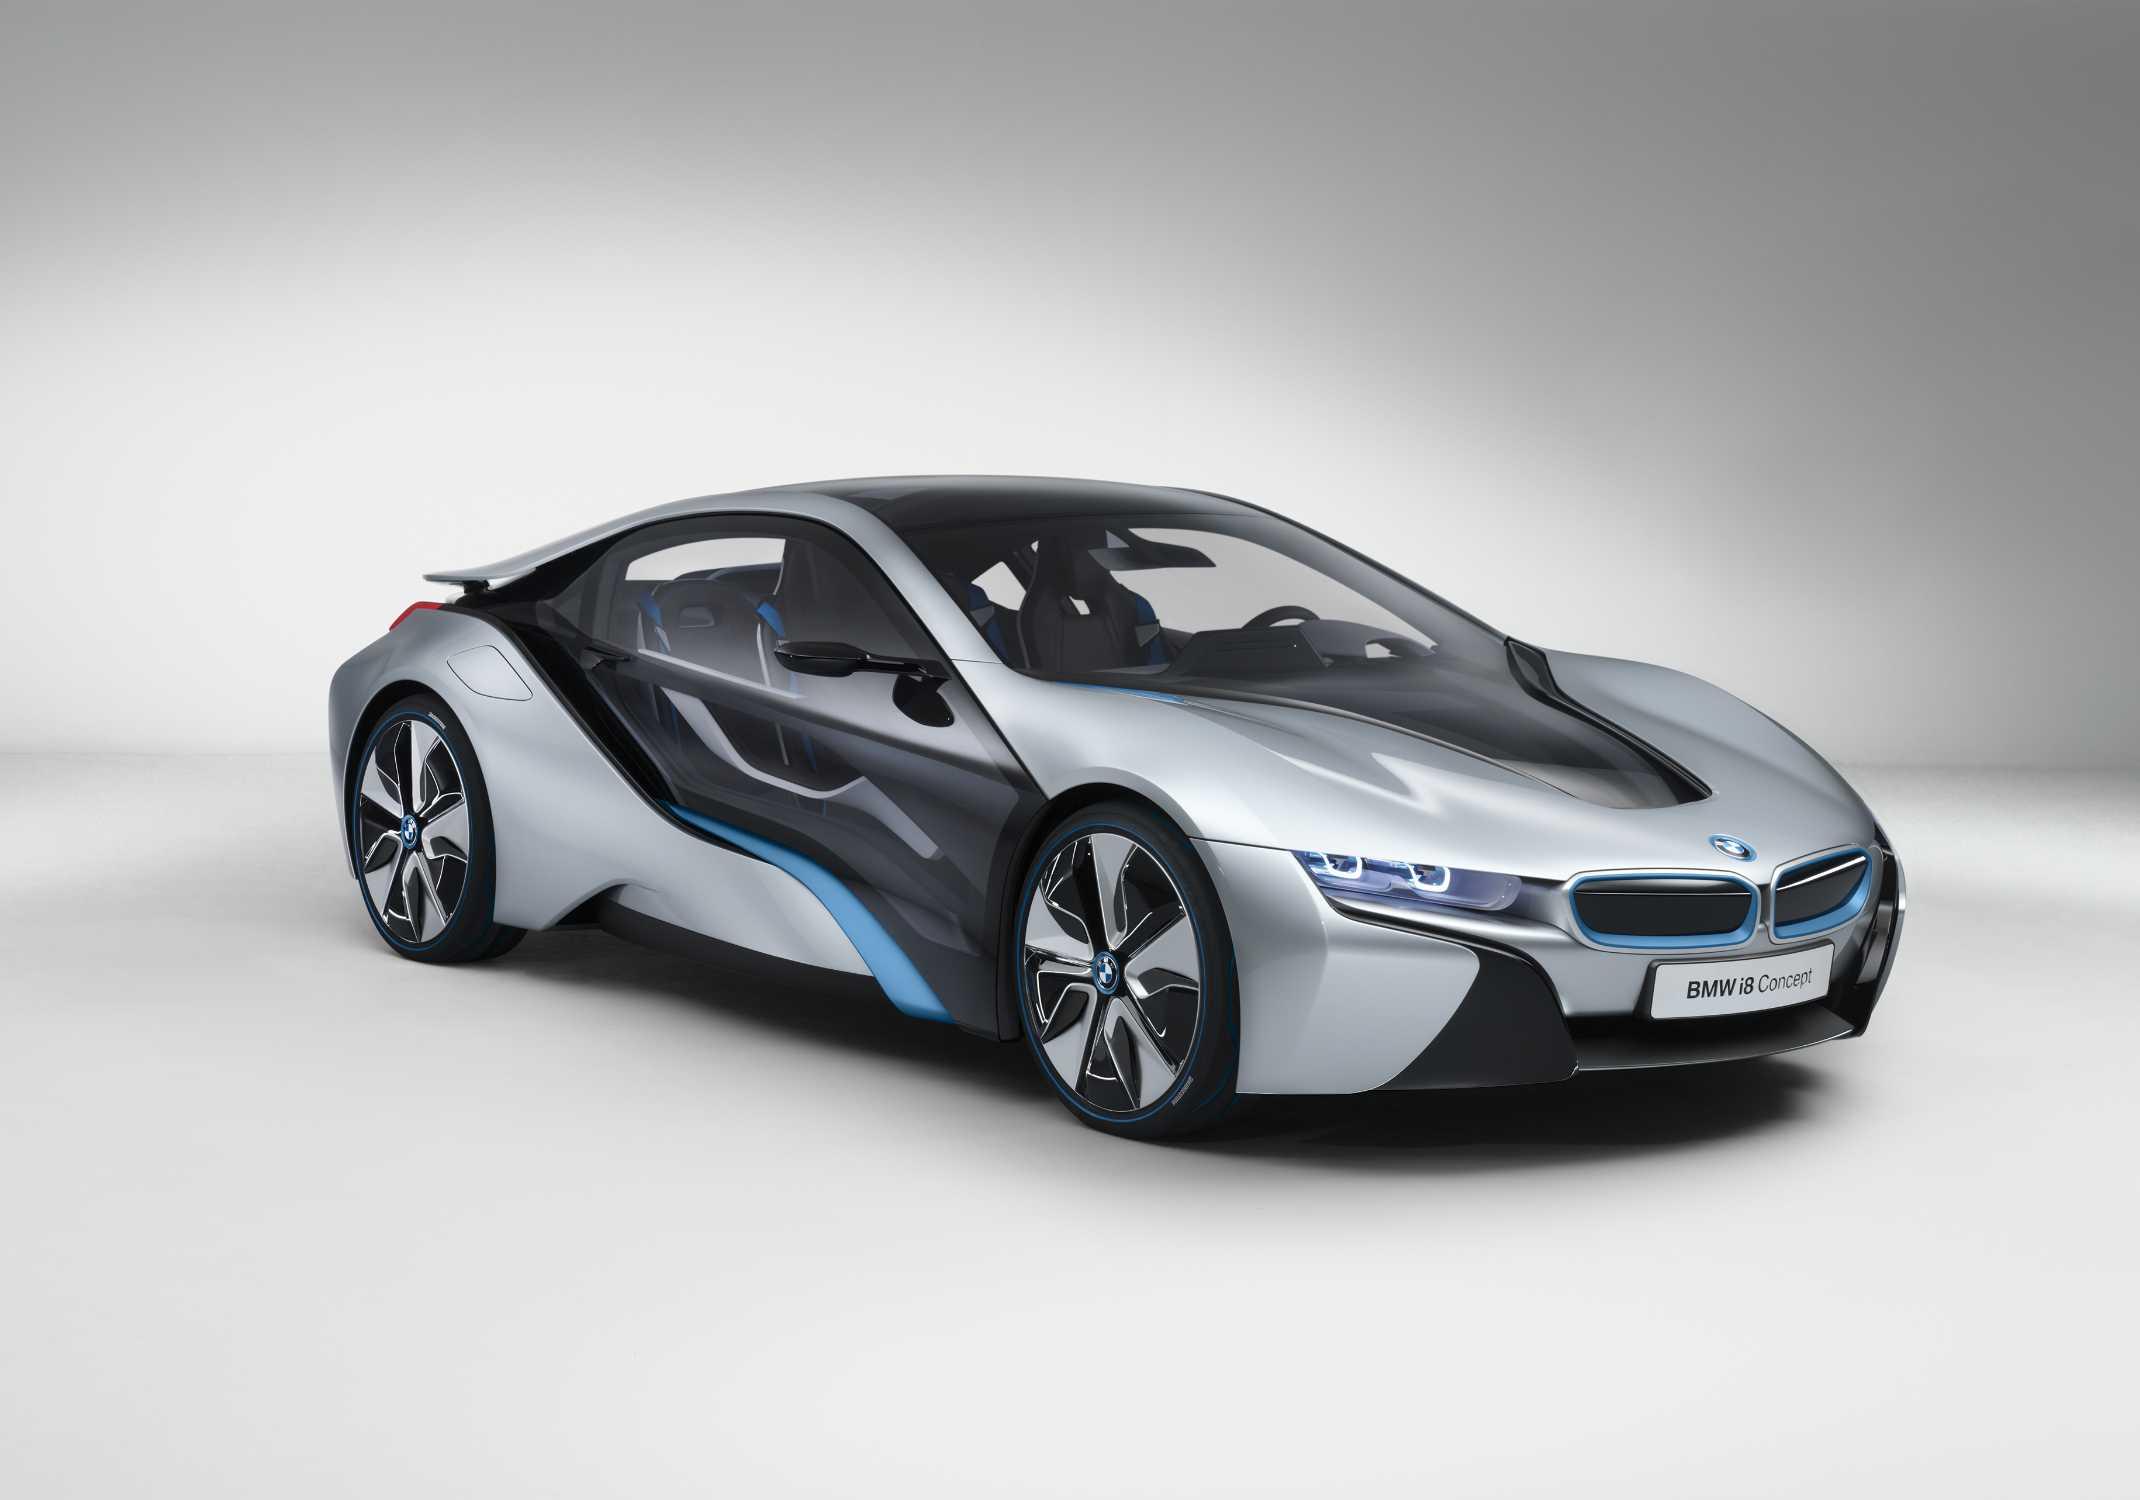 Bmw I Design Concept Cars